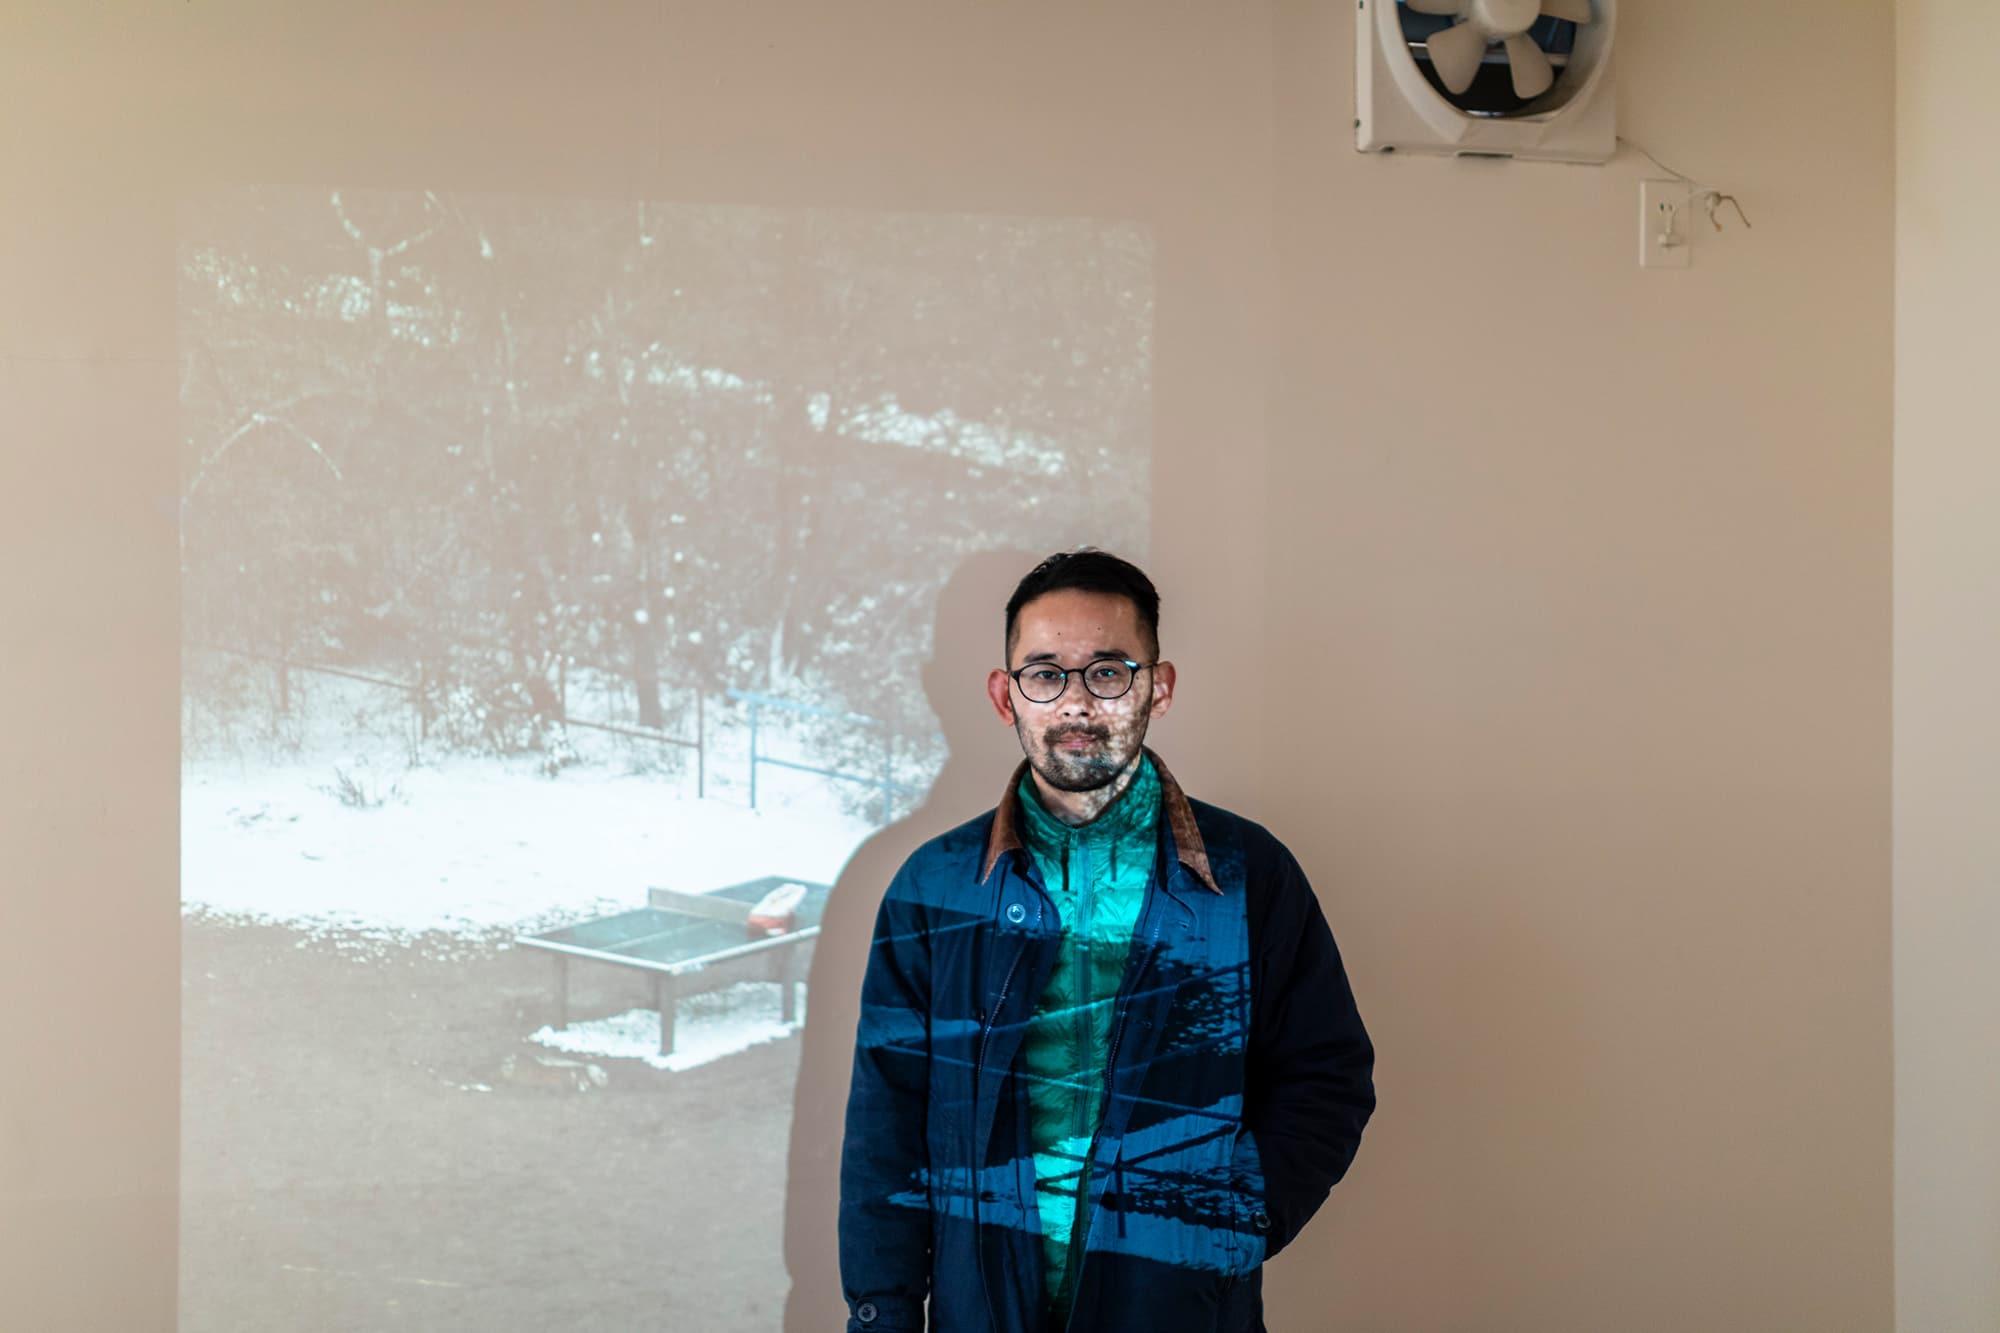 富安隼久インタヴュー「一匹の狐との出合いから始まった、ある卓球台の物語」 | 富安隼久